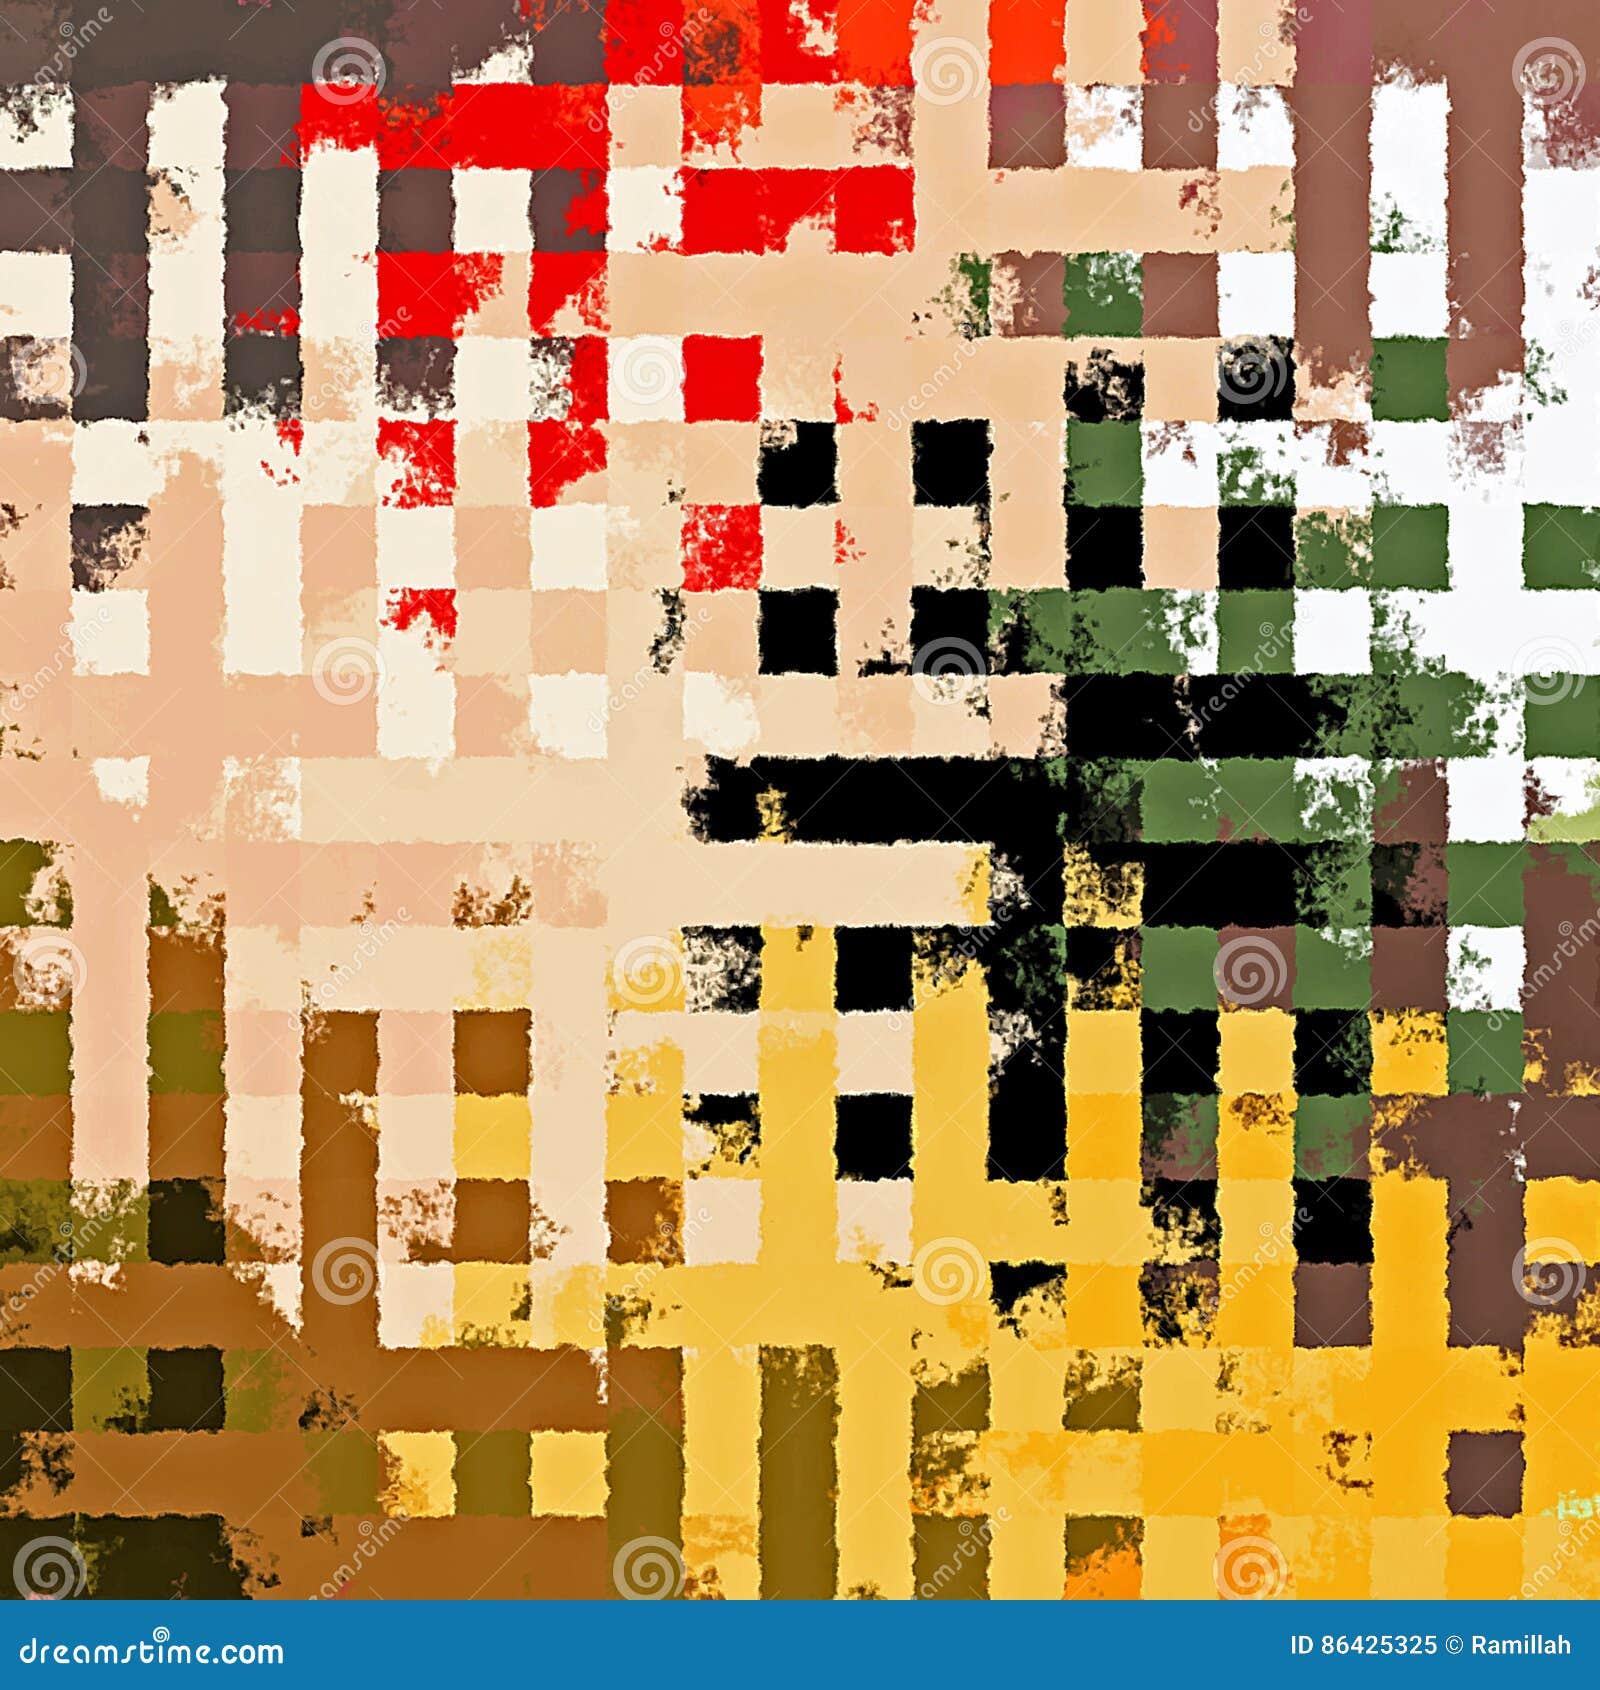 download digital malerei schner abstrakter bunter chaotischer rechteckiger puzzle muster hintergrund stock - Puzzle Muster